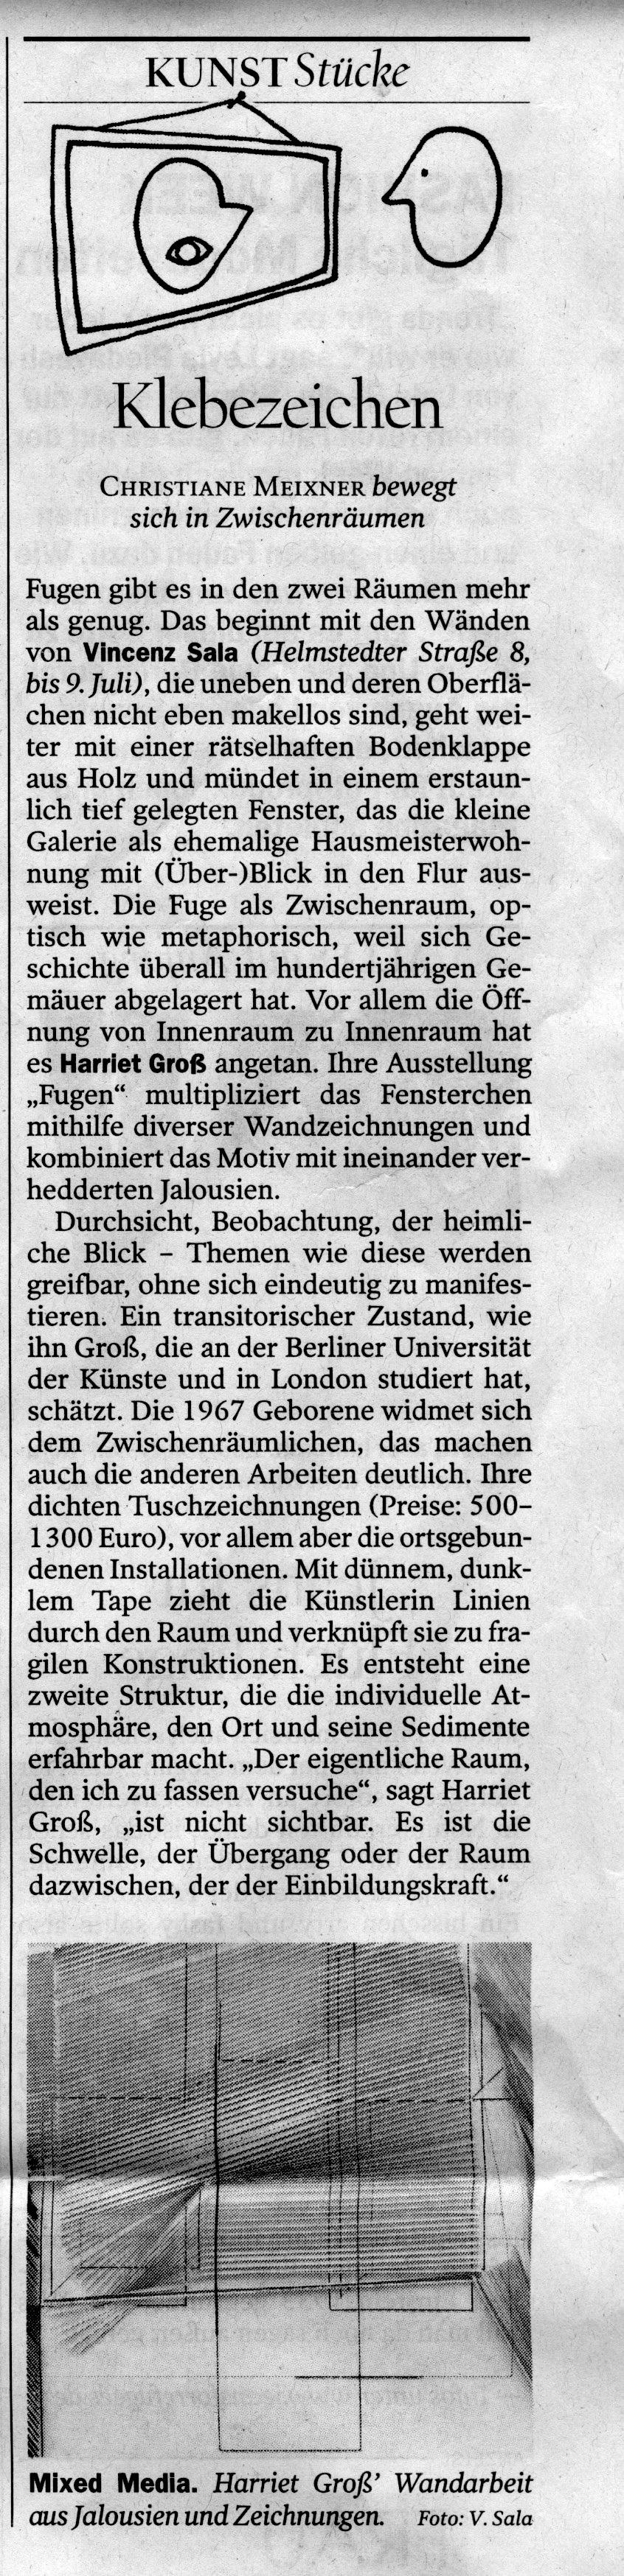 Tagesspiegel Fugen Vincenz Sala 02